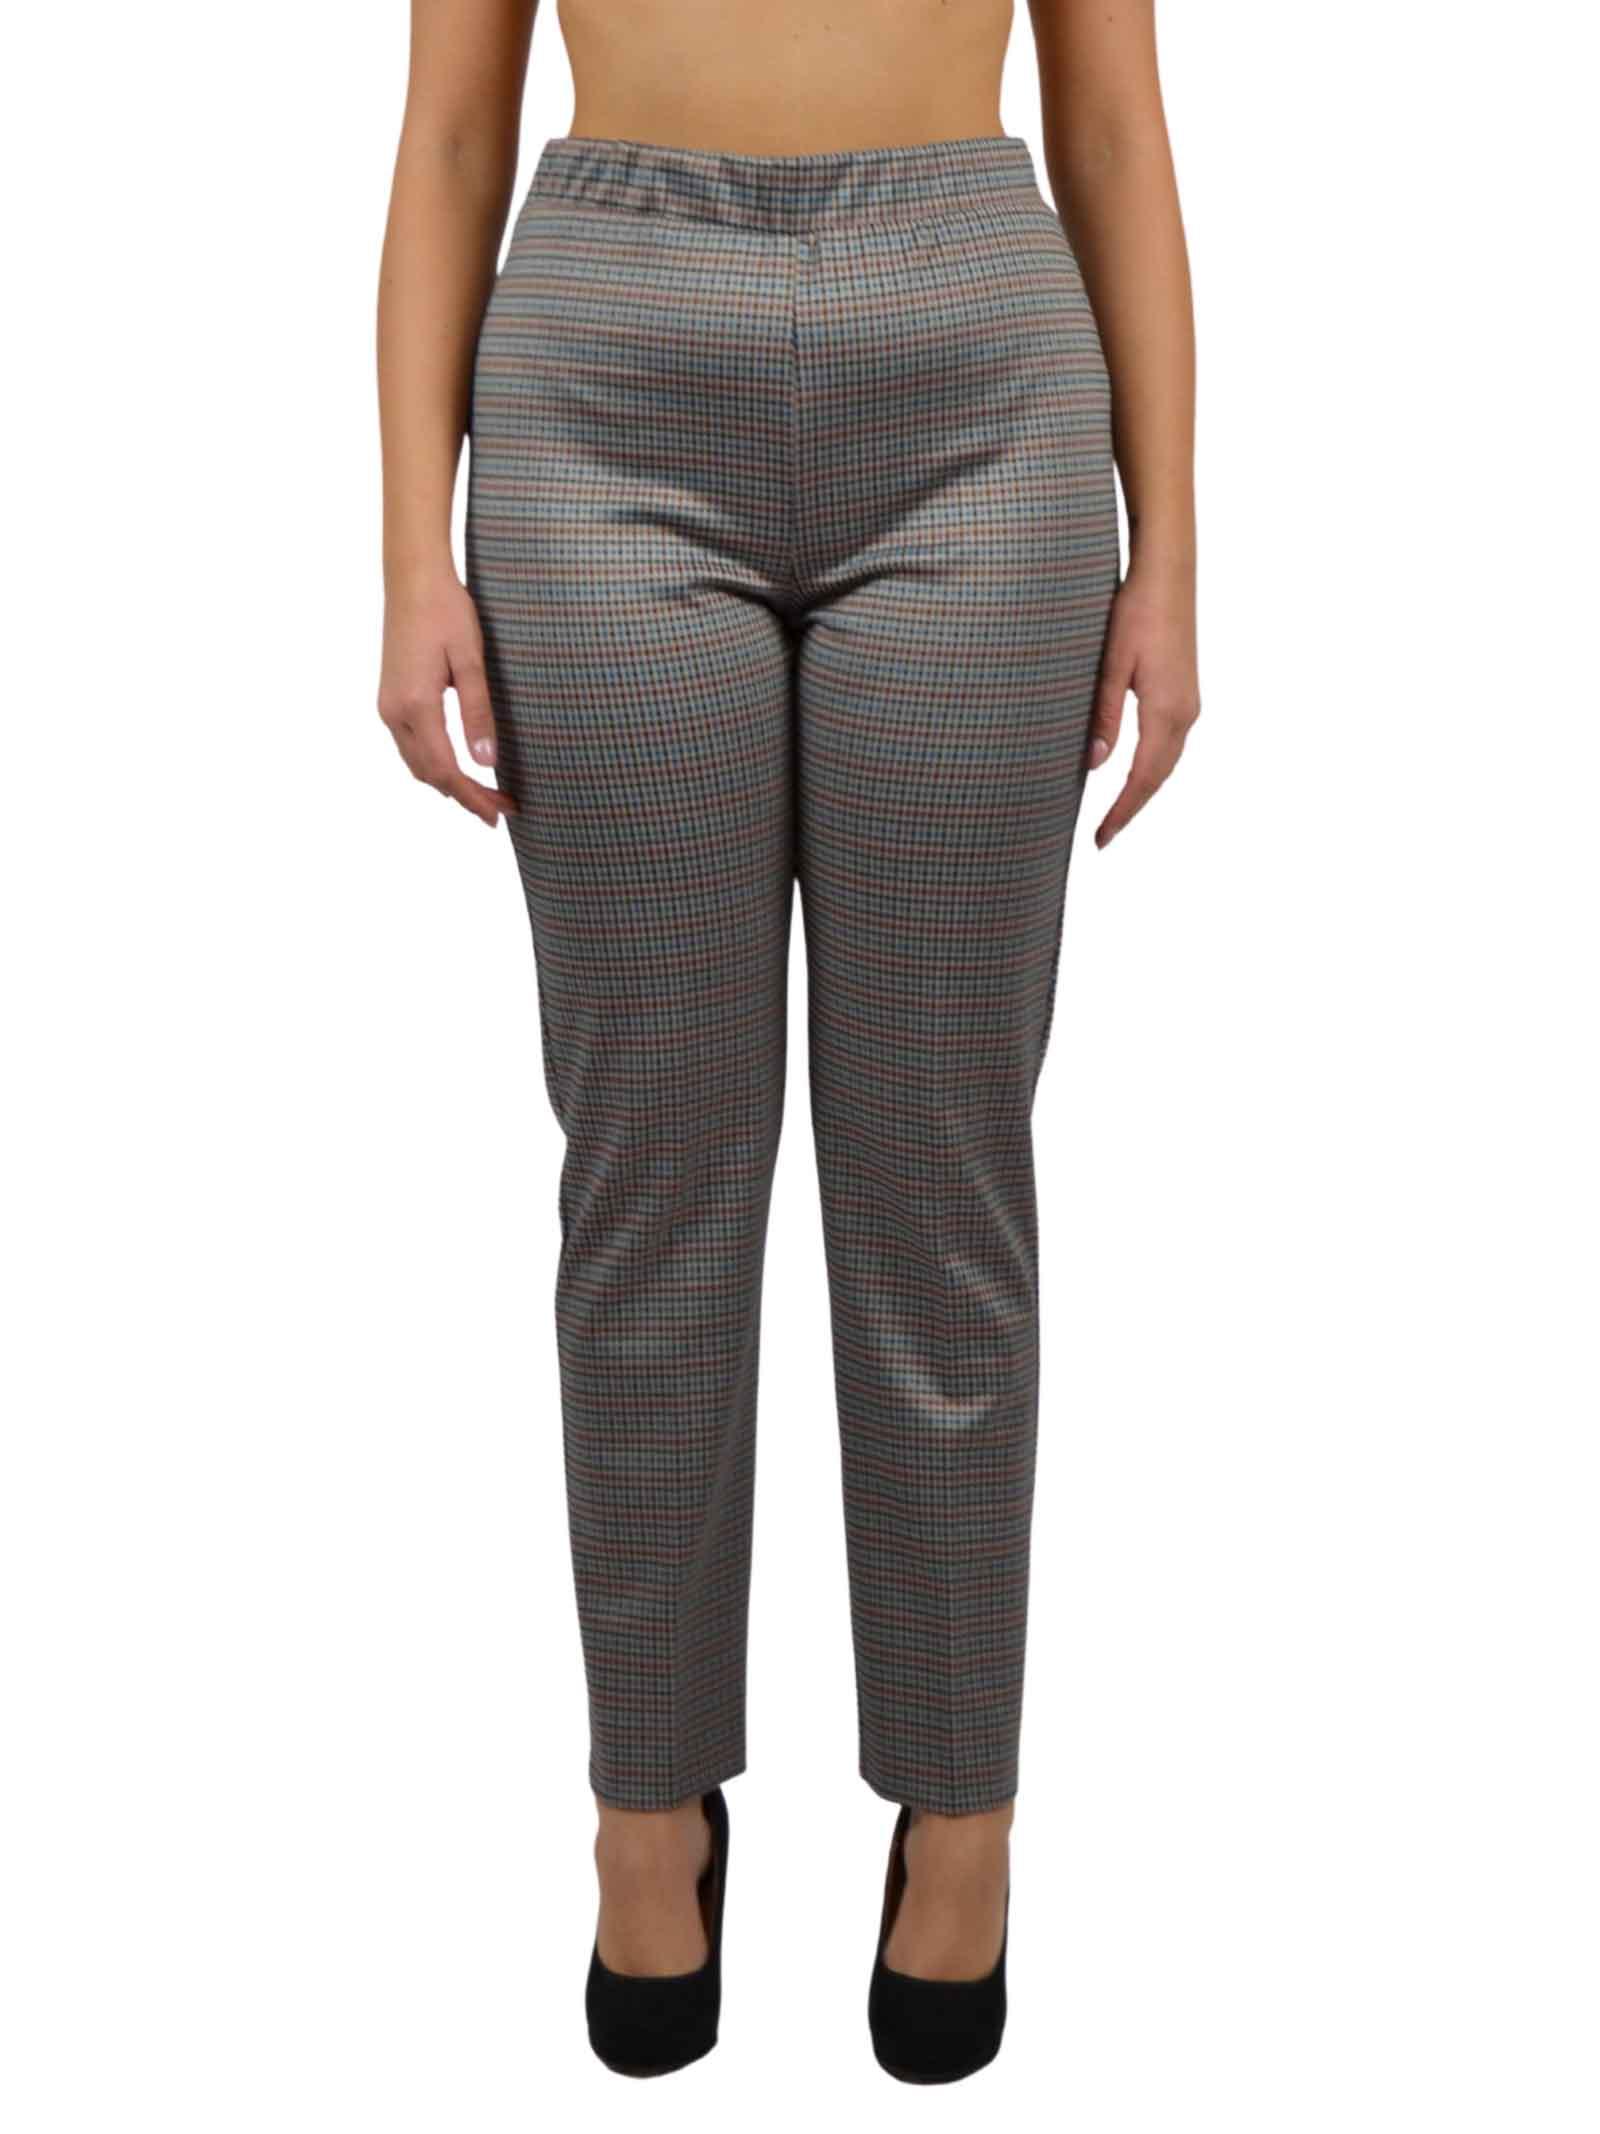 Trousers with elastic waistband fabric  BENEDETTA VALERI |  | GABINO-TORMALINATORMALINA